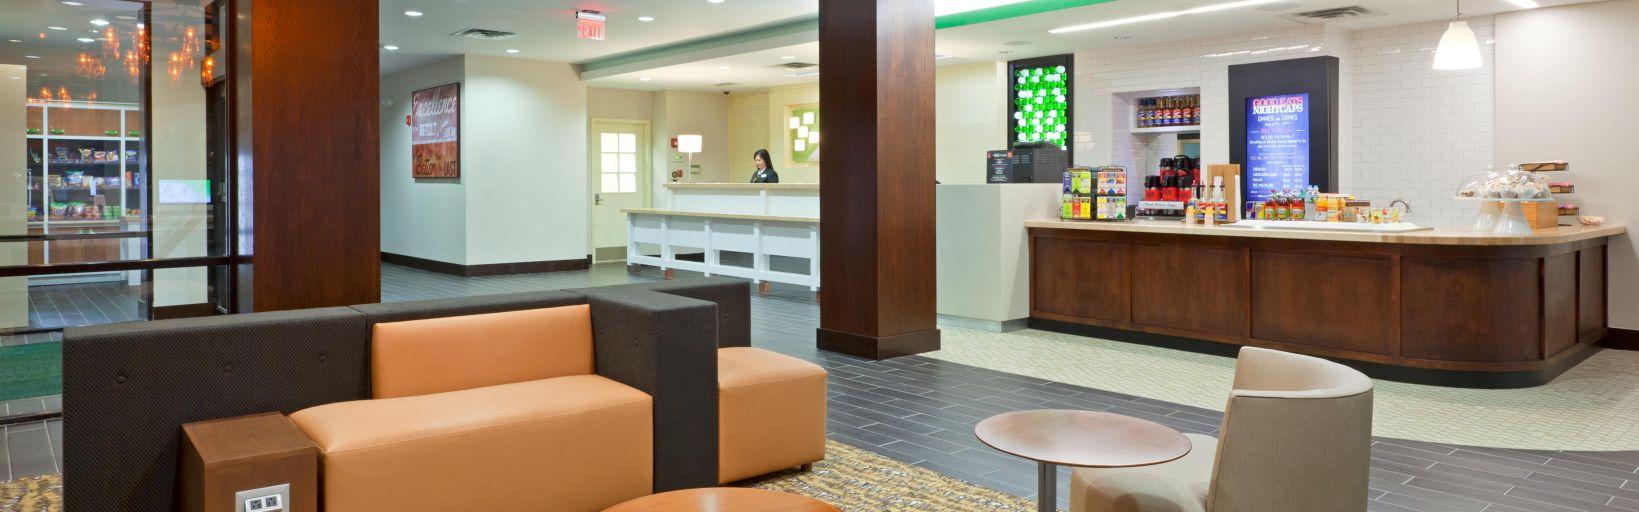 Hotel Lobby Holiday Inn Clark Near Edison Nj